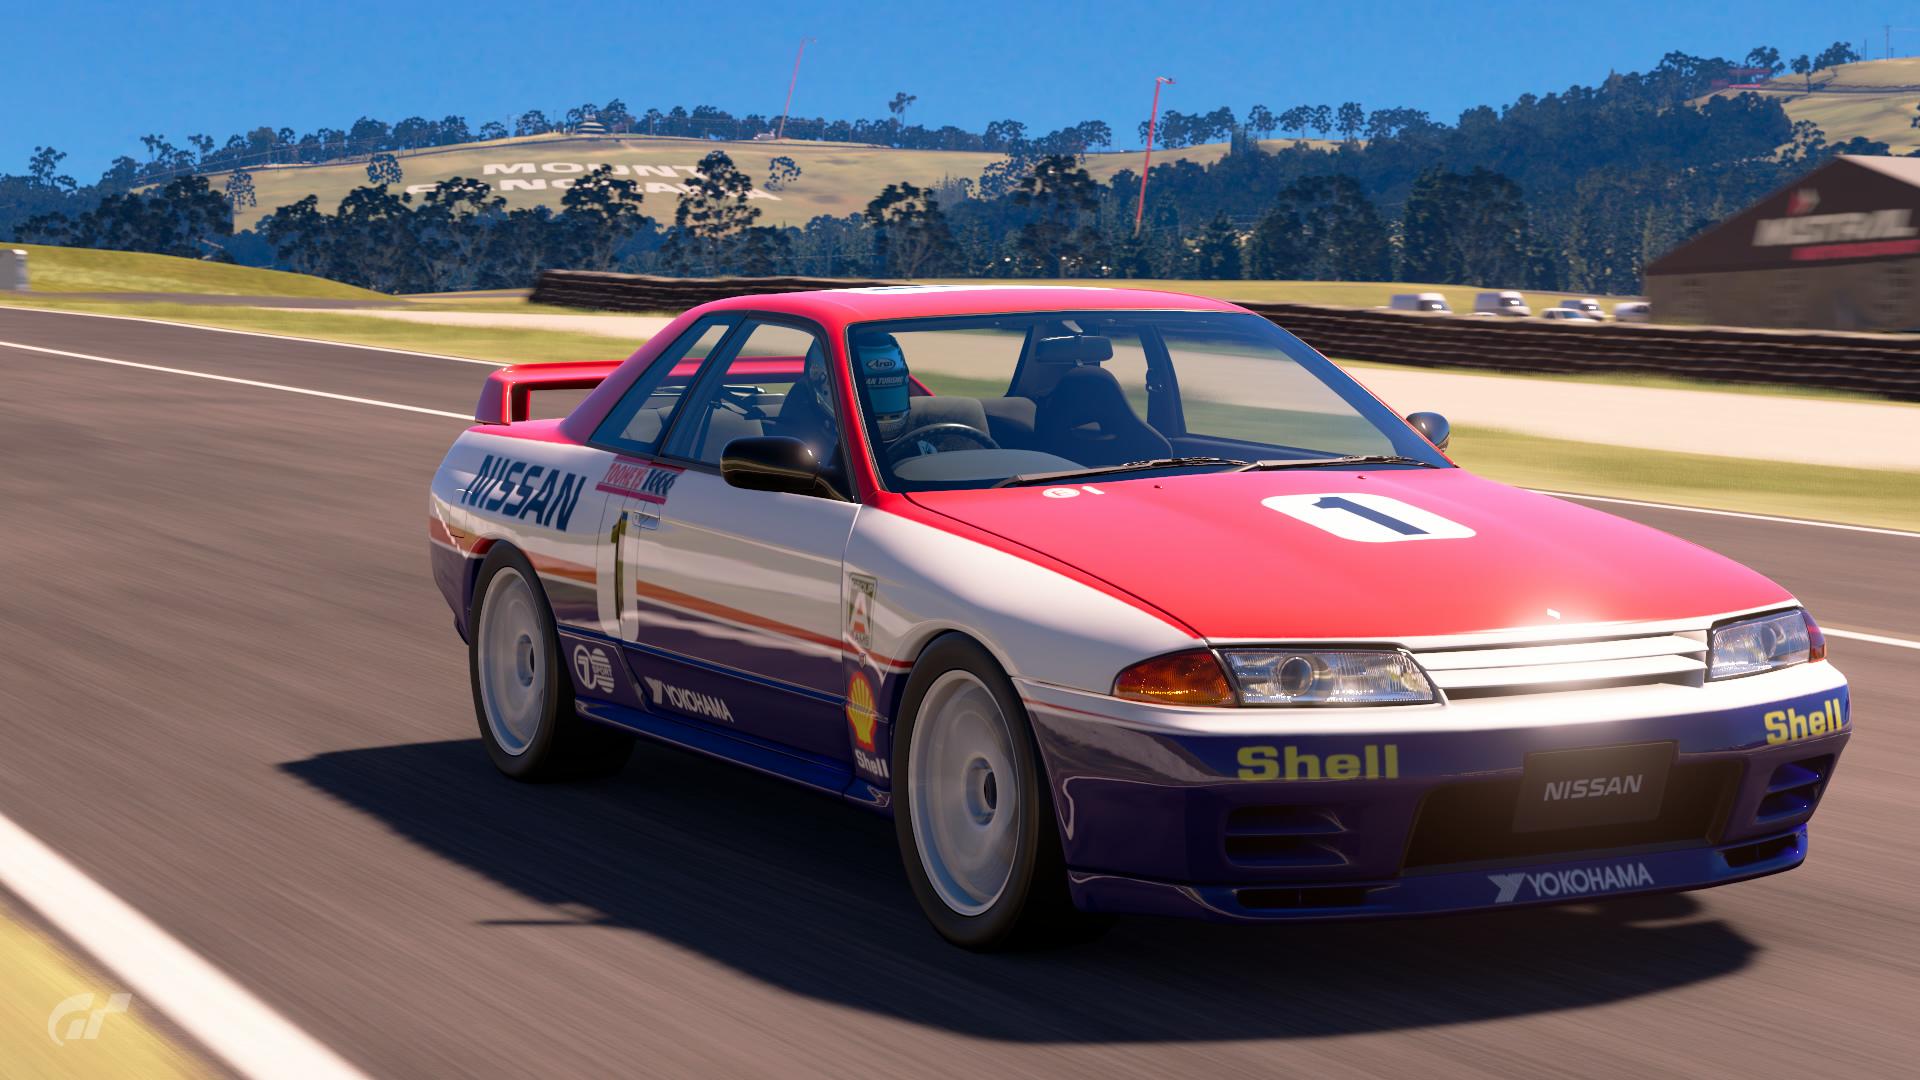 bc11766a786 1991 Tooheys (Bathurst) 1000 R32 - Race Photos by mystic4407 ...